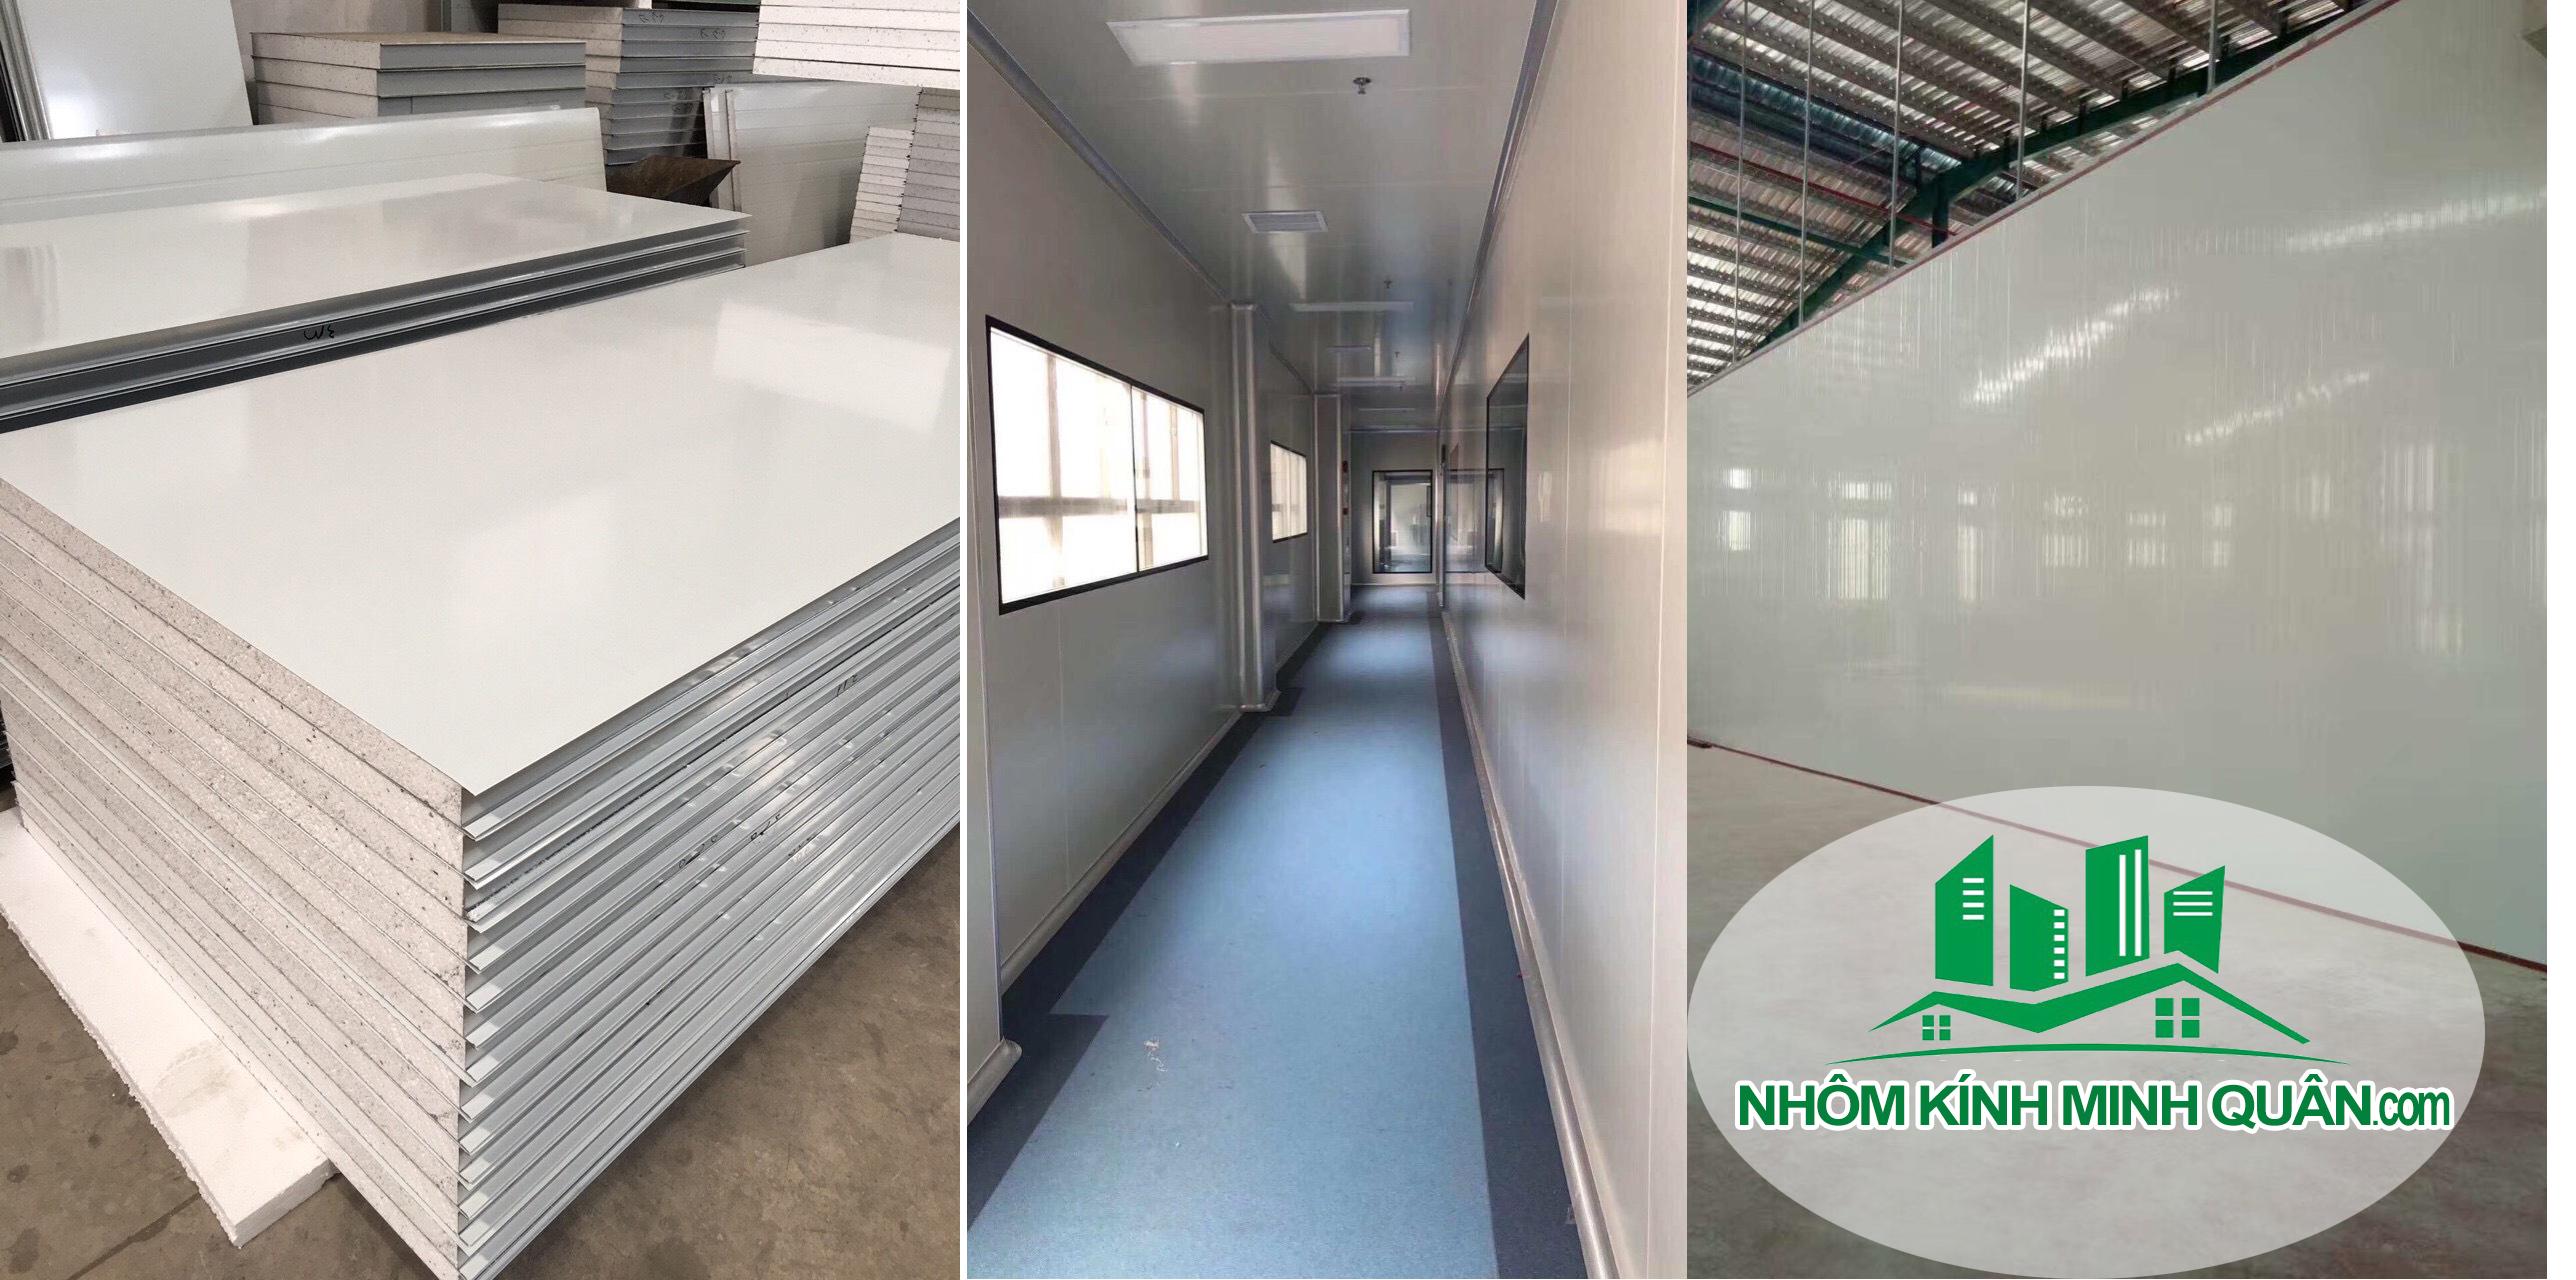 vách ngăn cách nhiệt panel tại Bến Cát thi-cong-vach-ngan-cach-nhiet-tai-ben-cat-binh-duong (2)